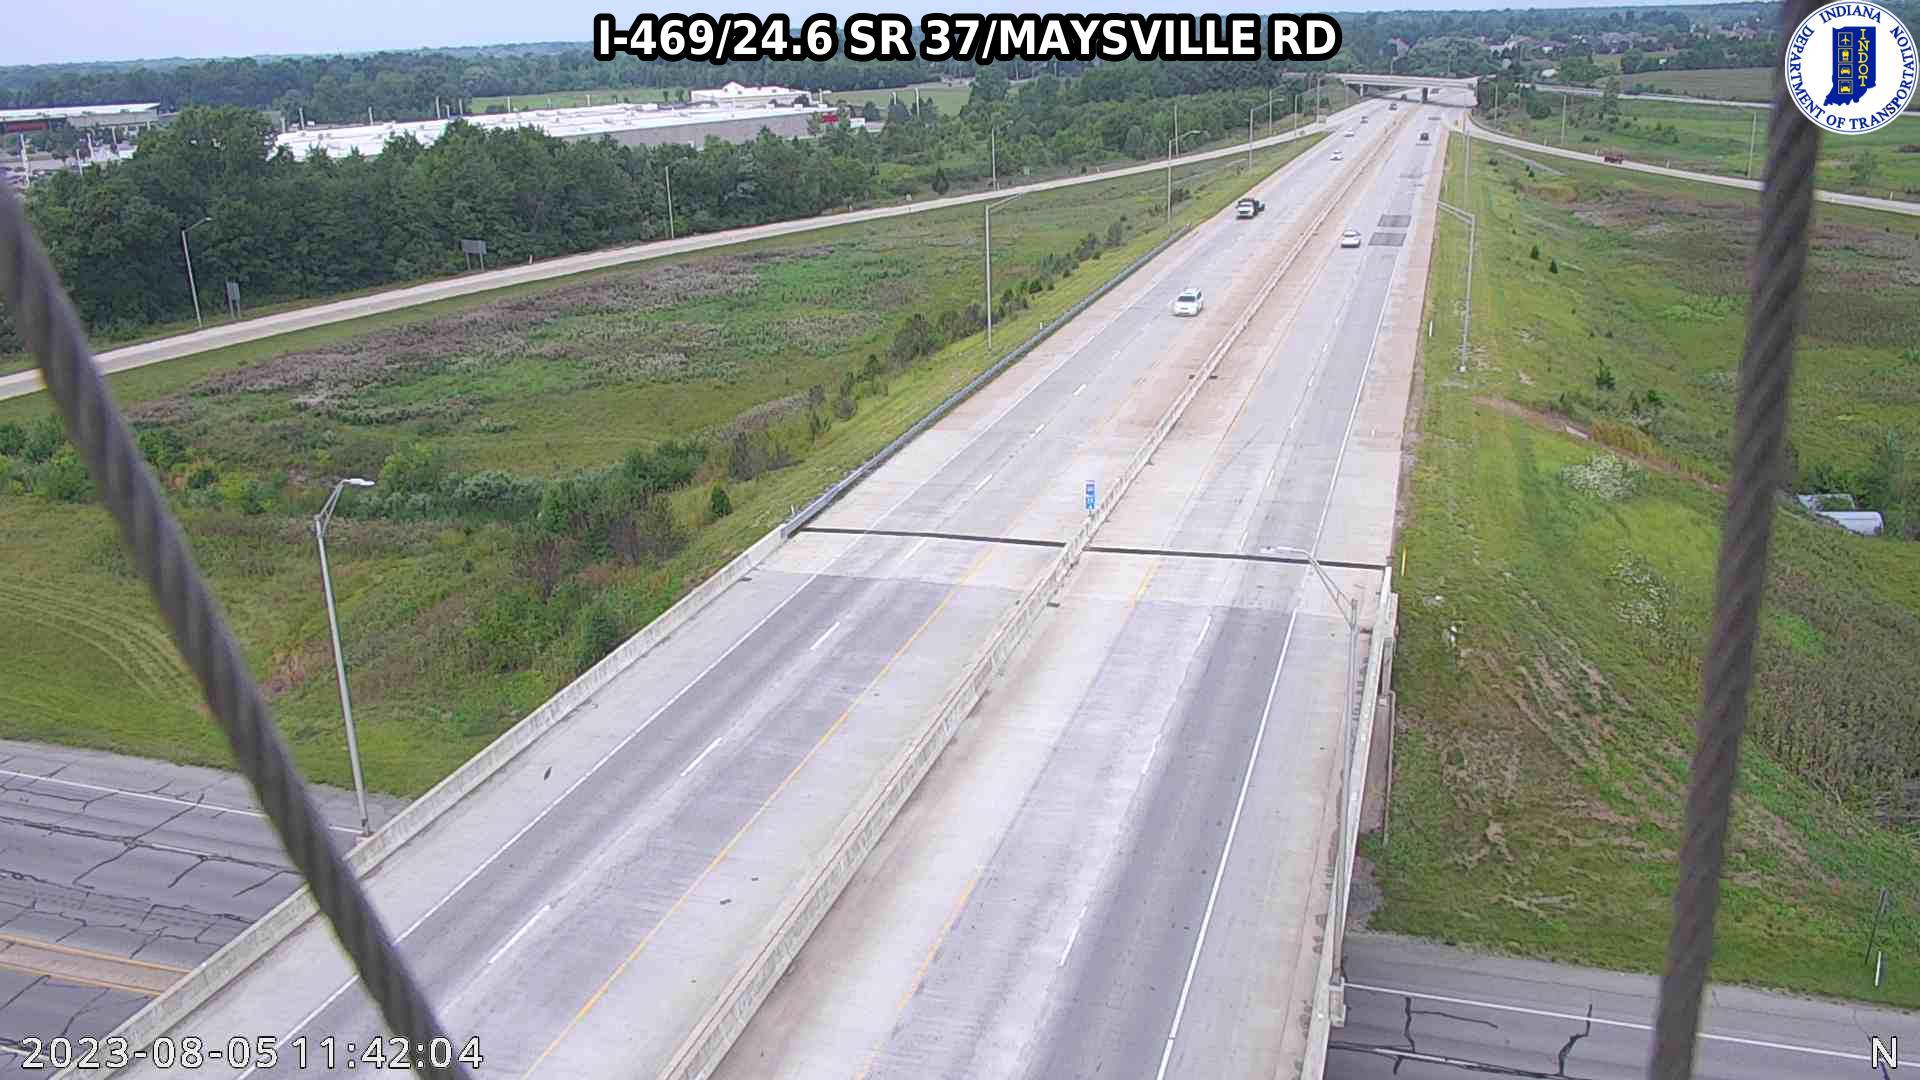 I-469 SR 37/MAYSVILLE RD CAM